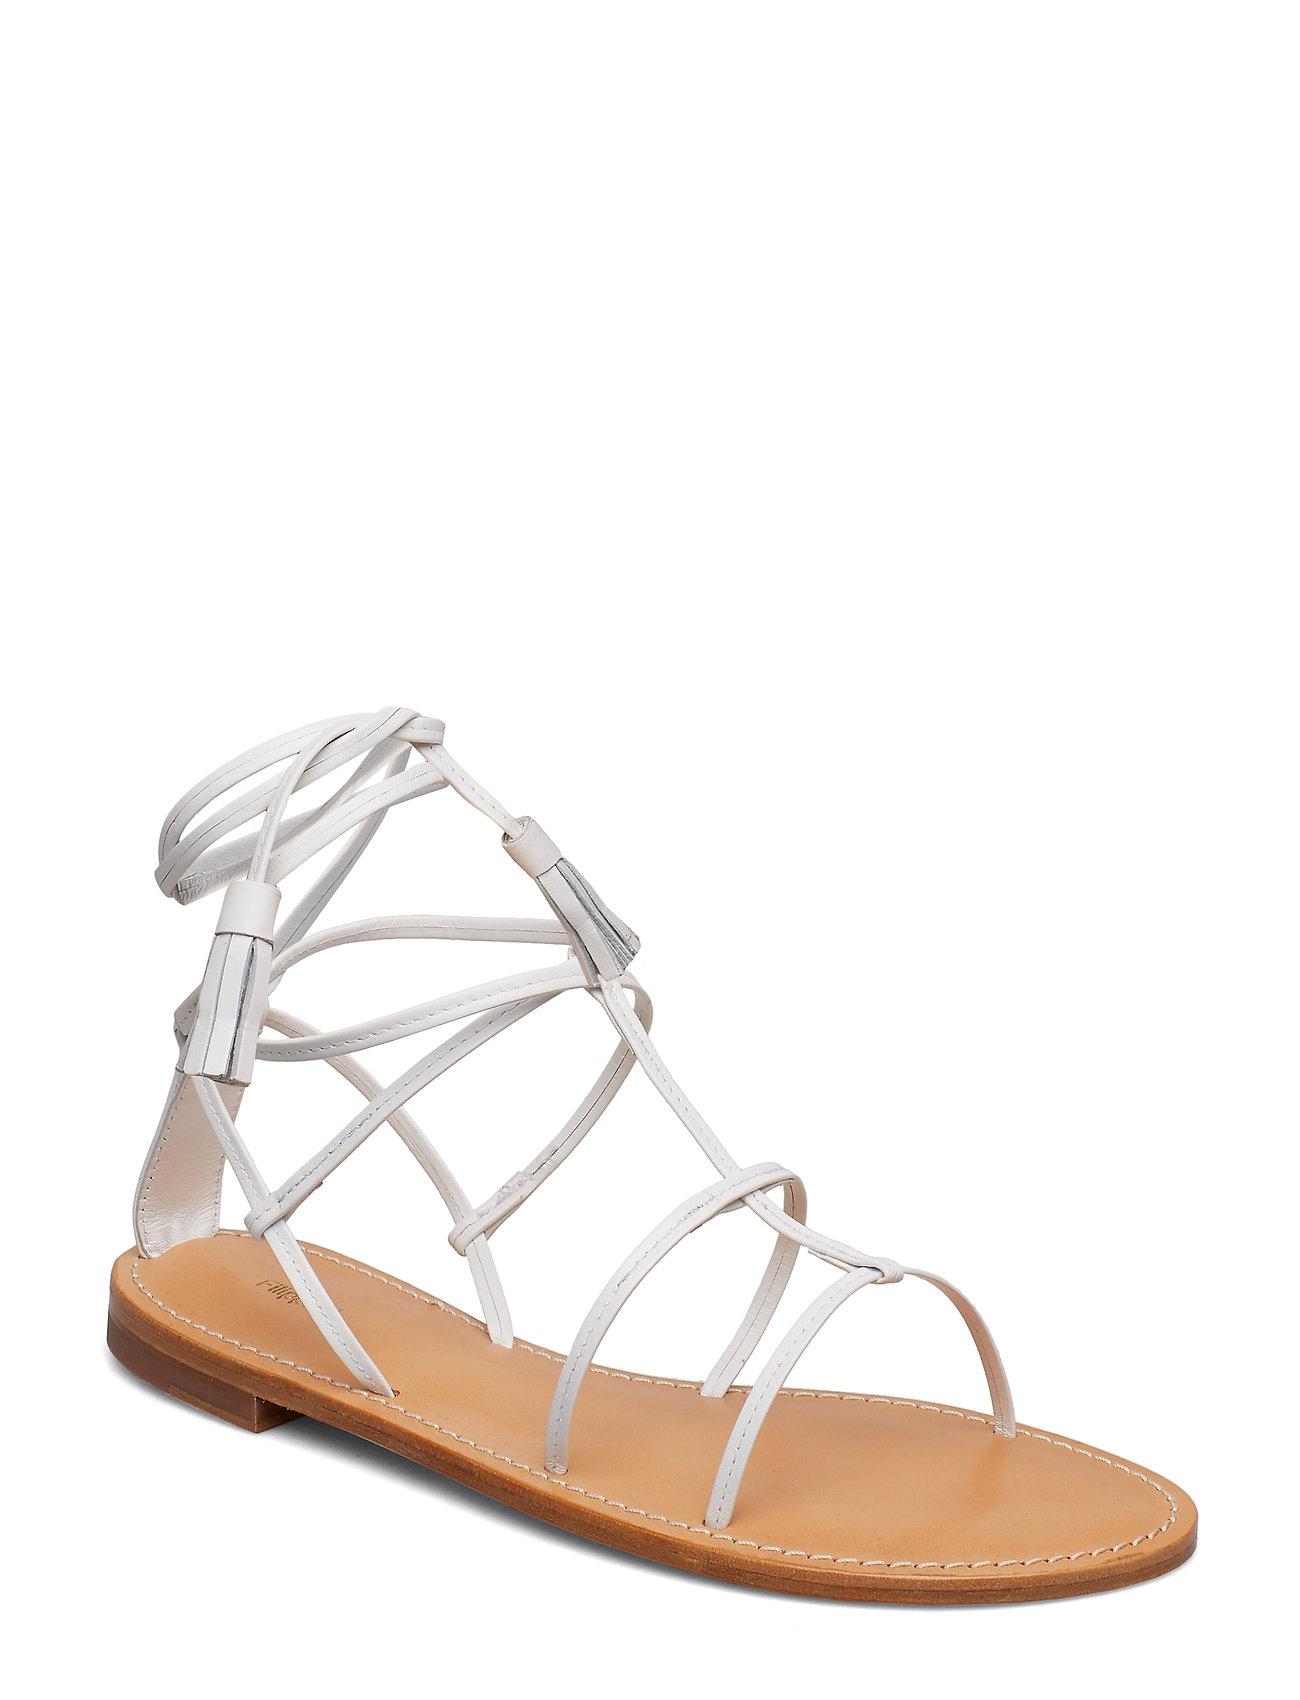 Image of Bella Flat Sandal Shoes Summer Shoes Flat Sandals Sølv Filippa K (3455951393)